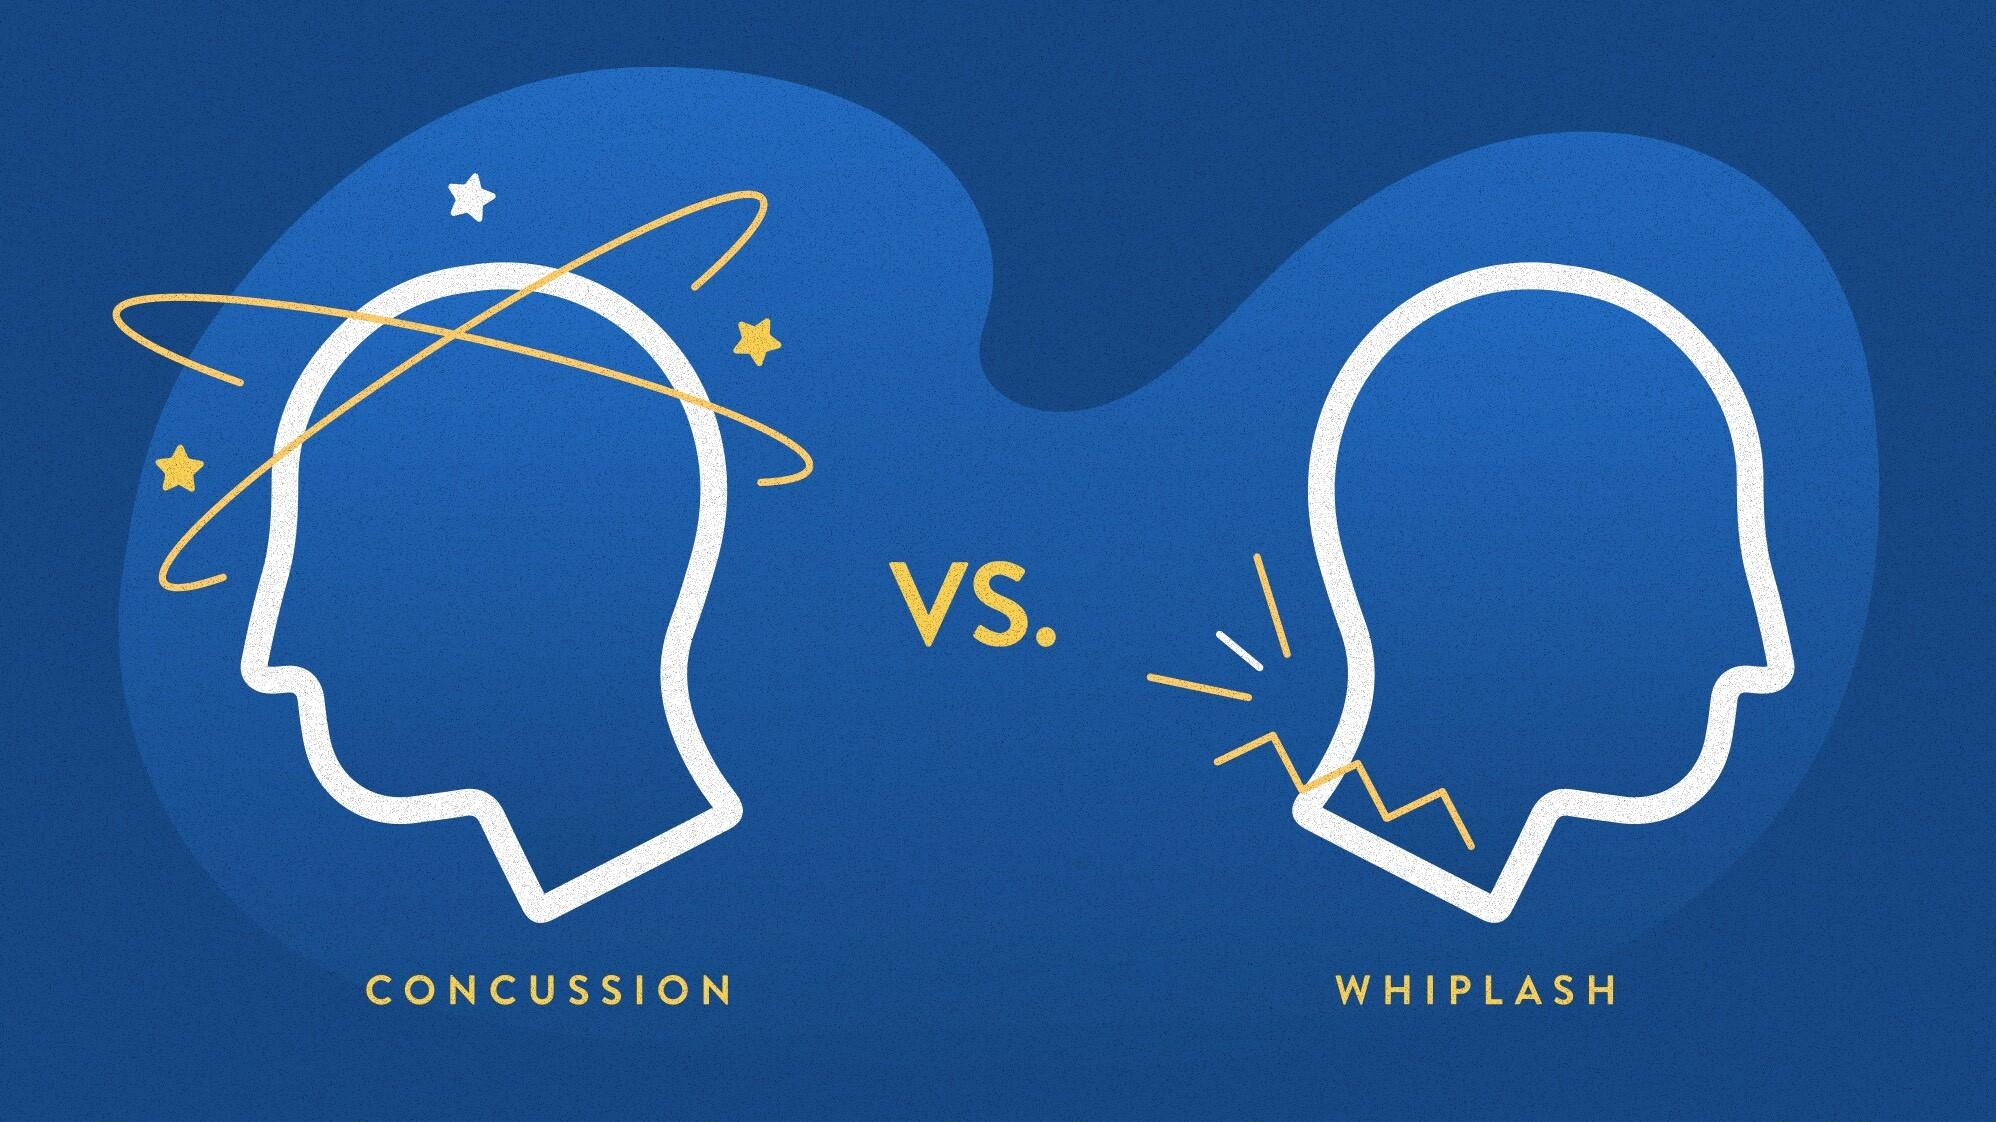 concussion vs. whiplash